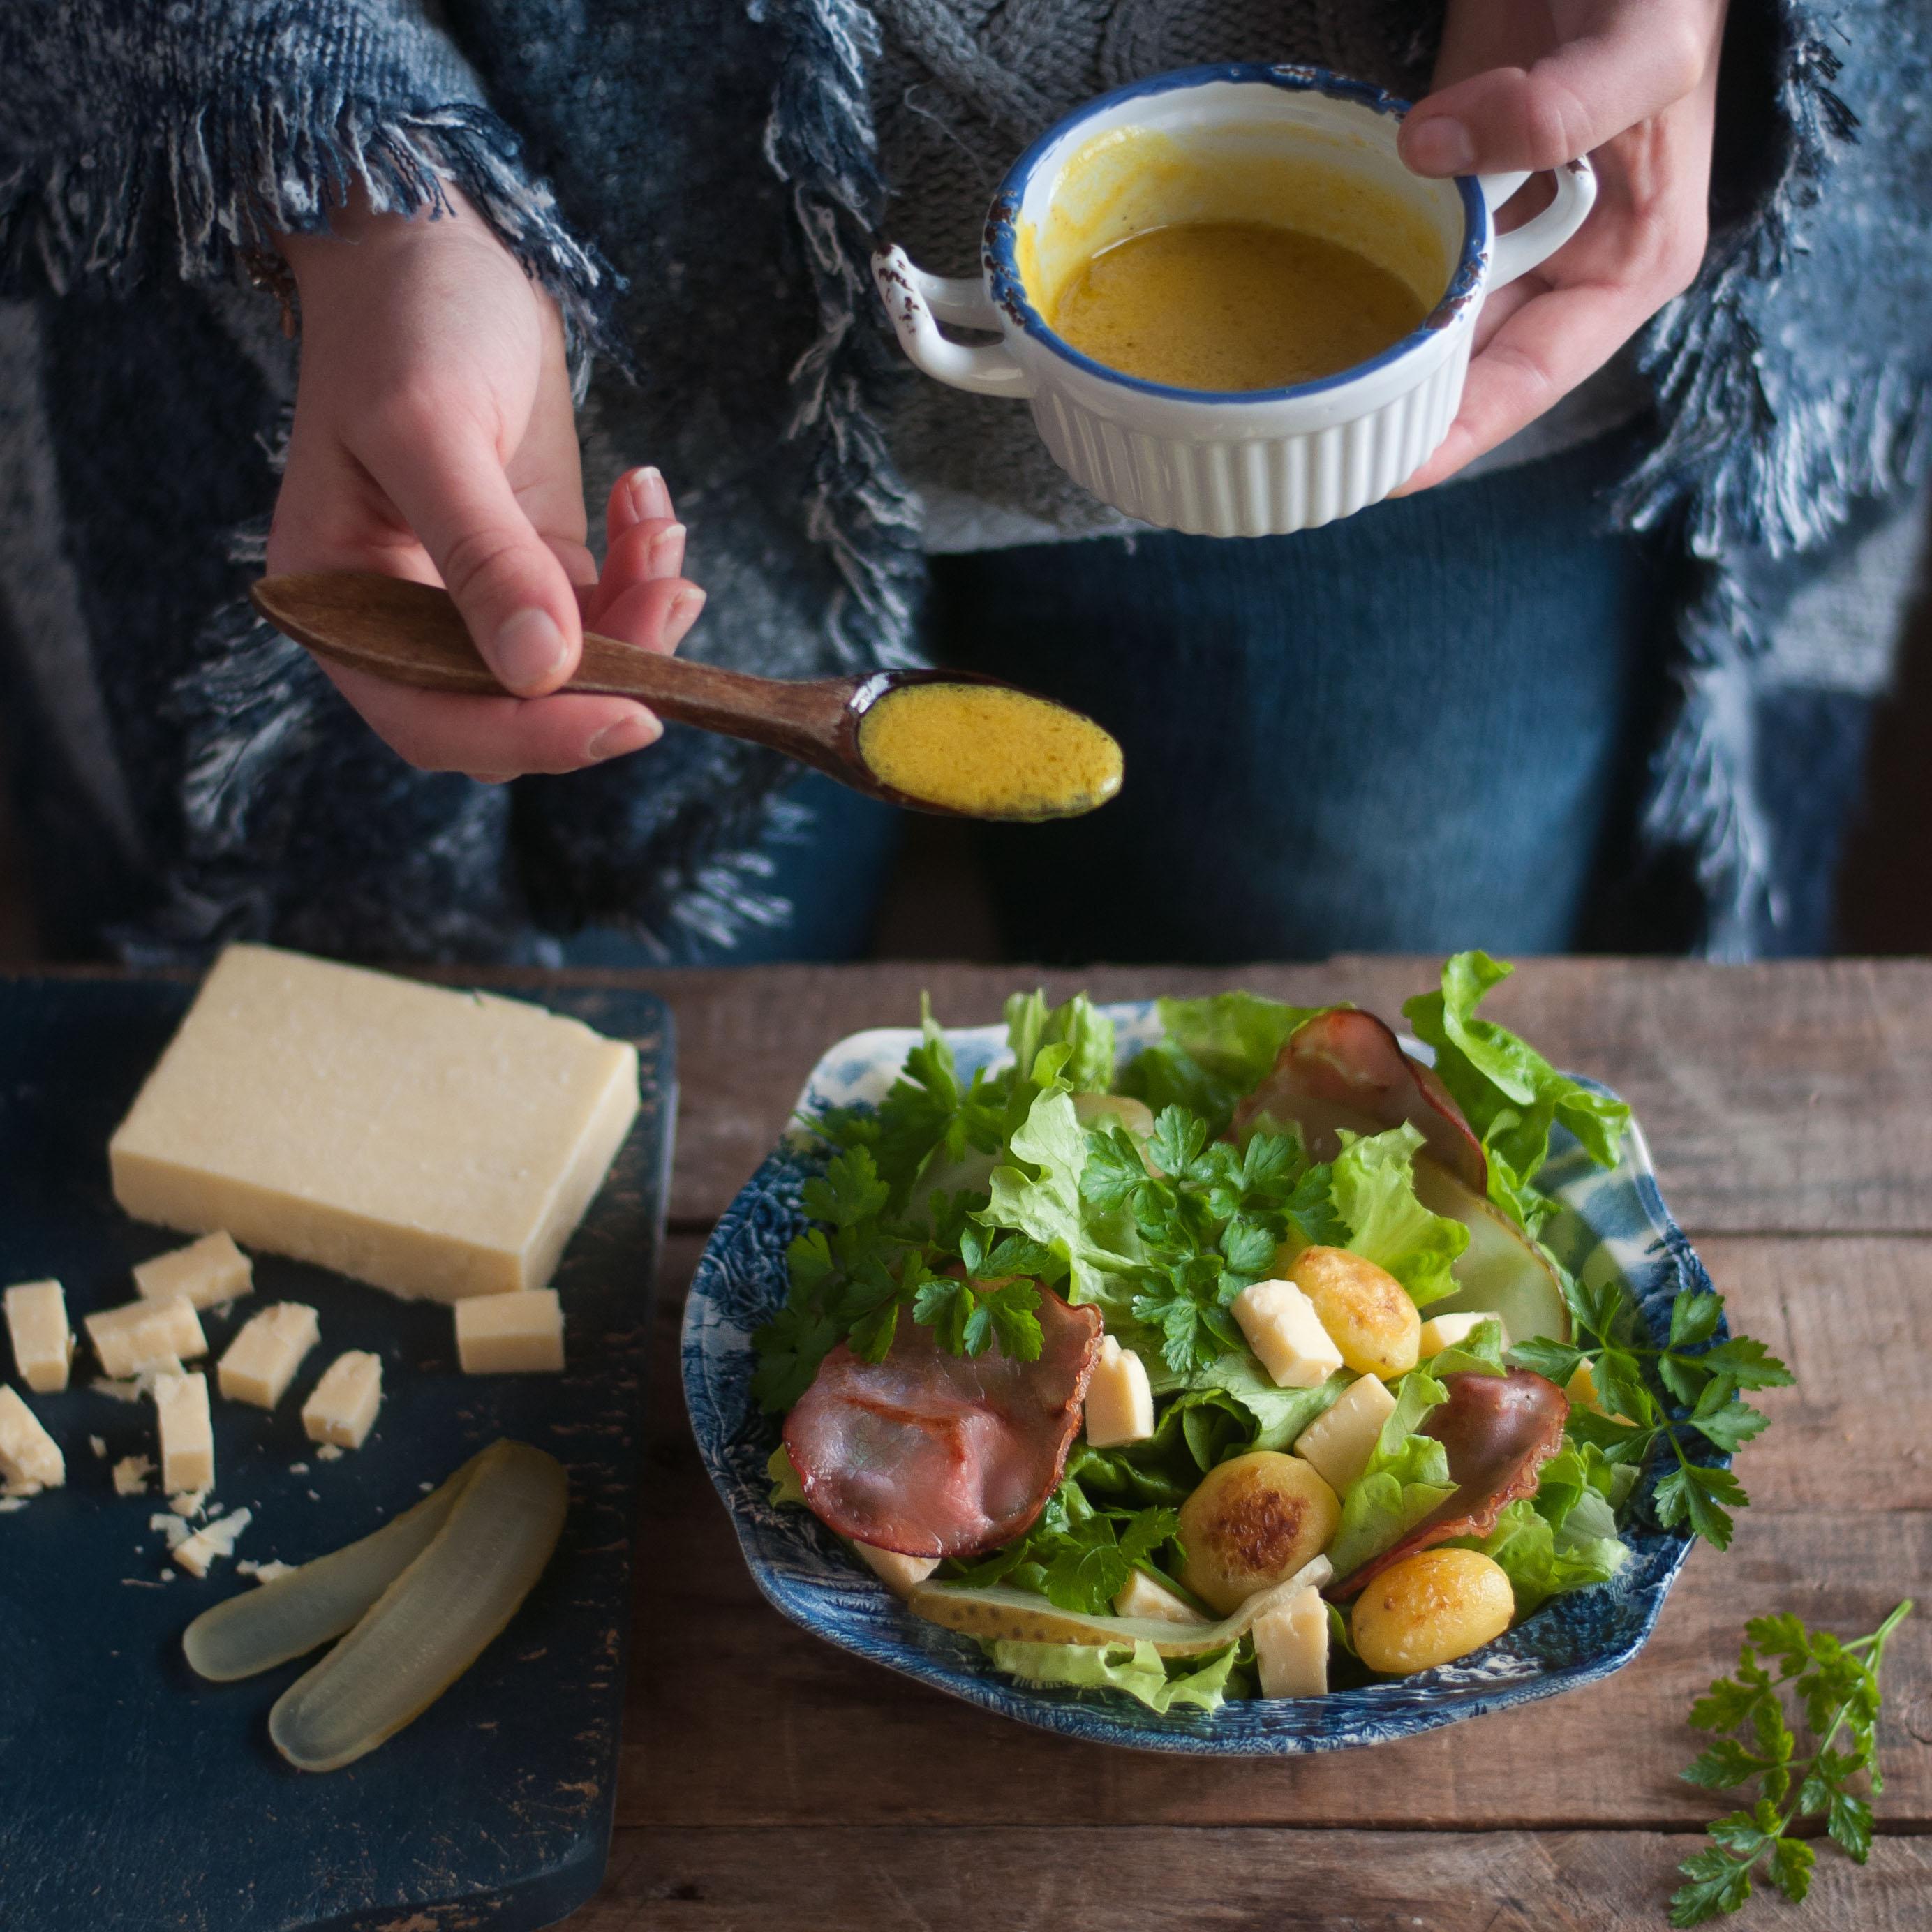 Ma petite saladerie à la maison, Marie Chioca, Terre Vivant14